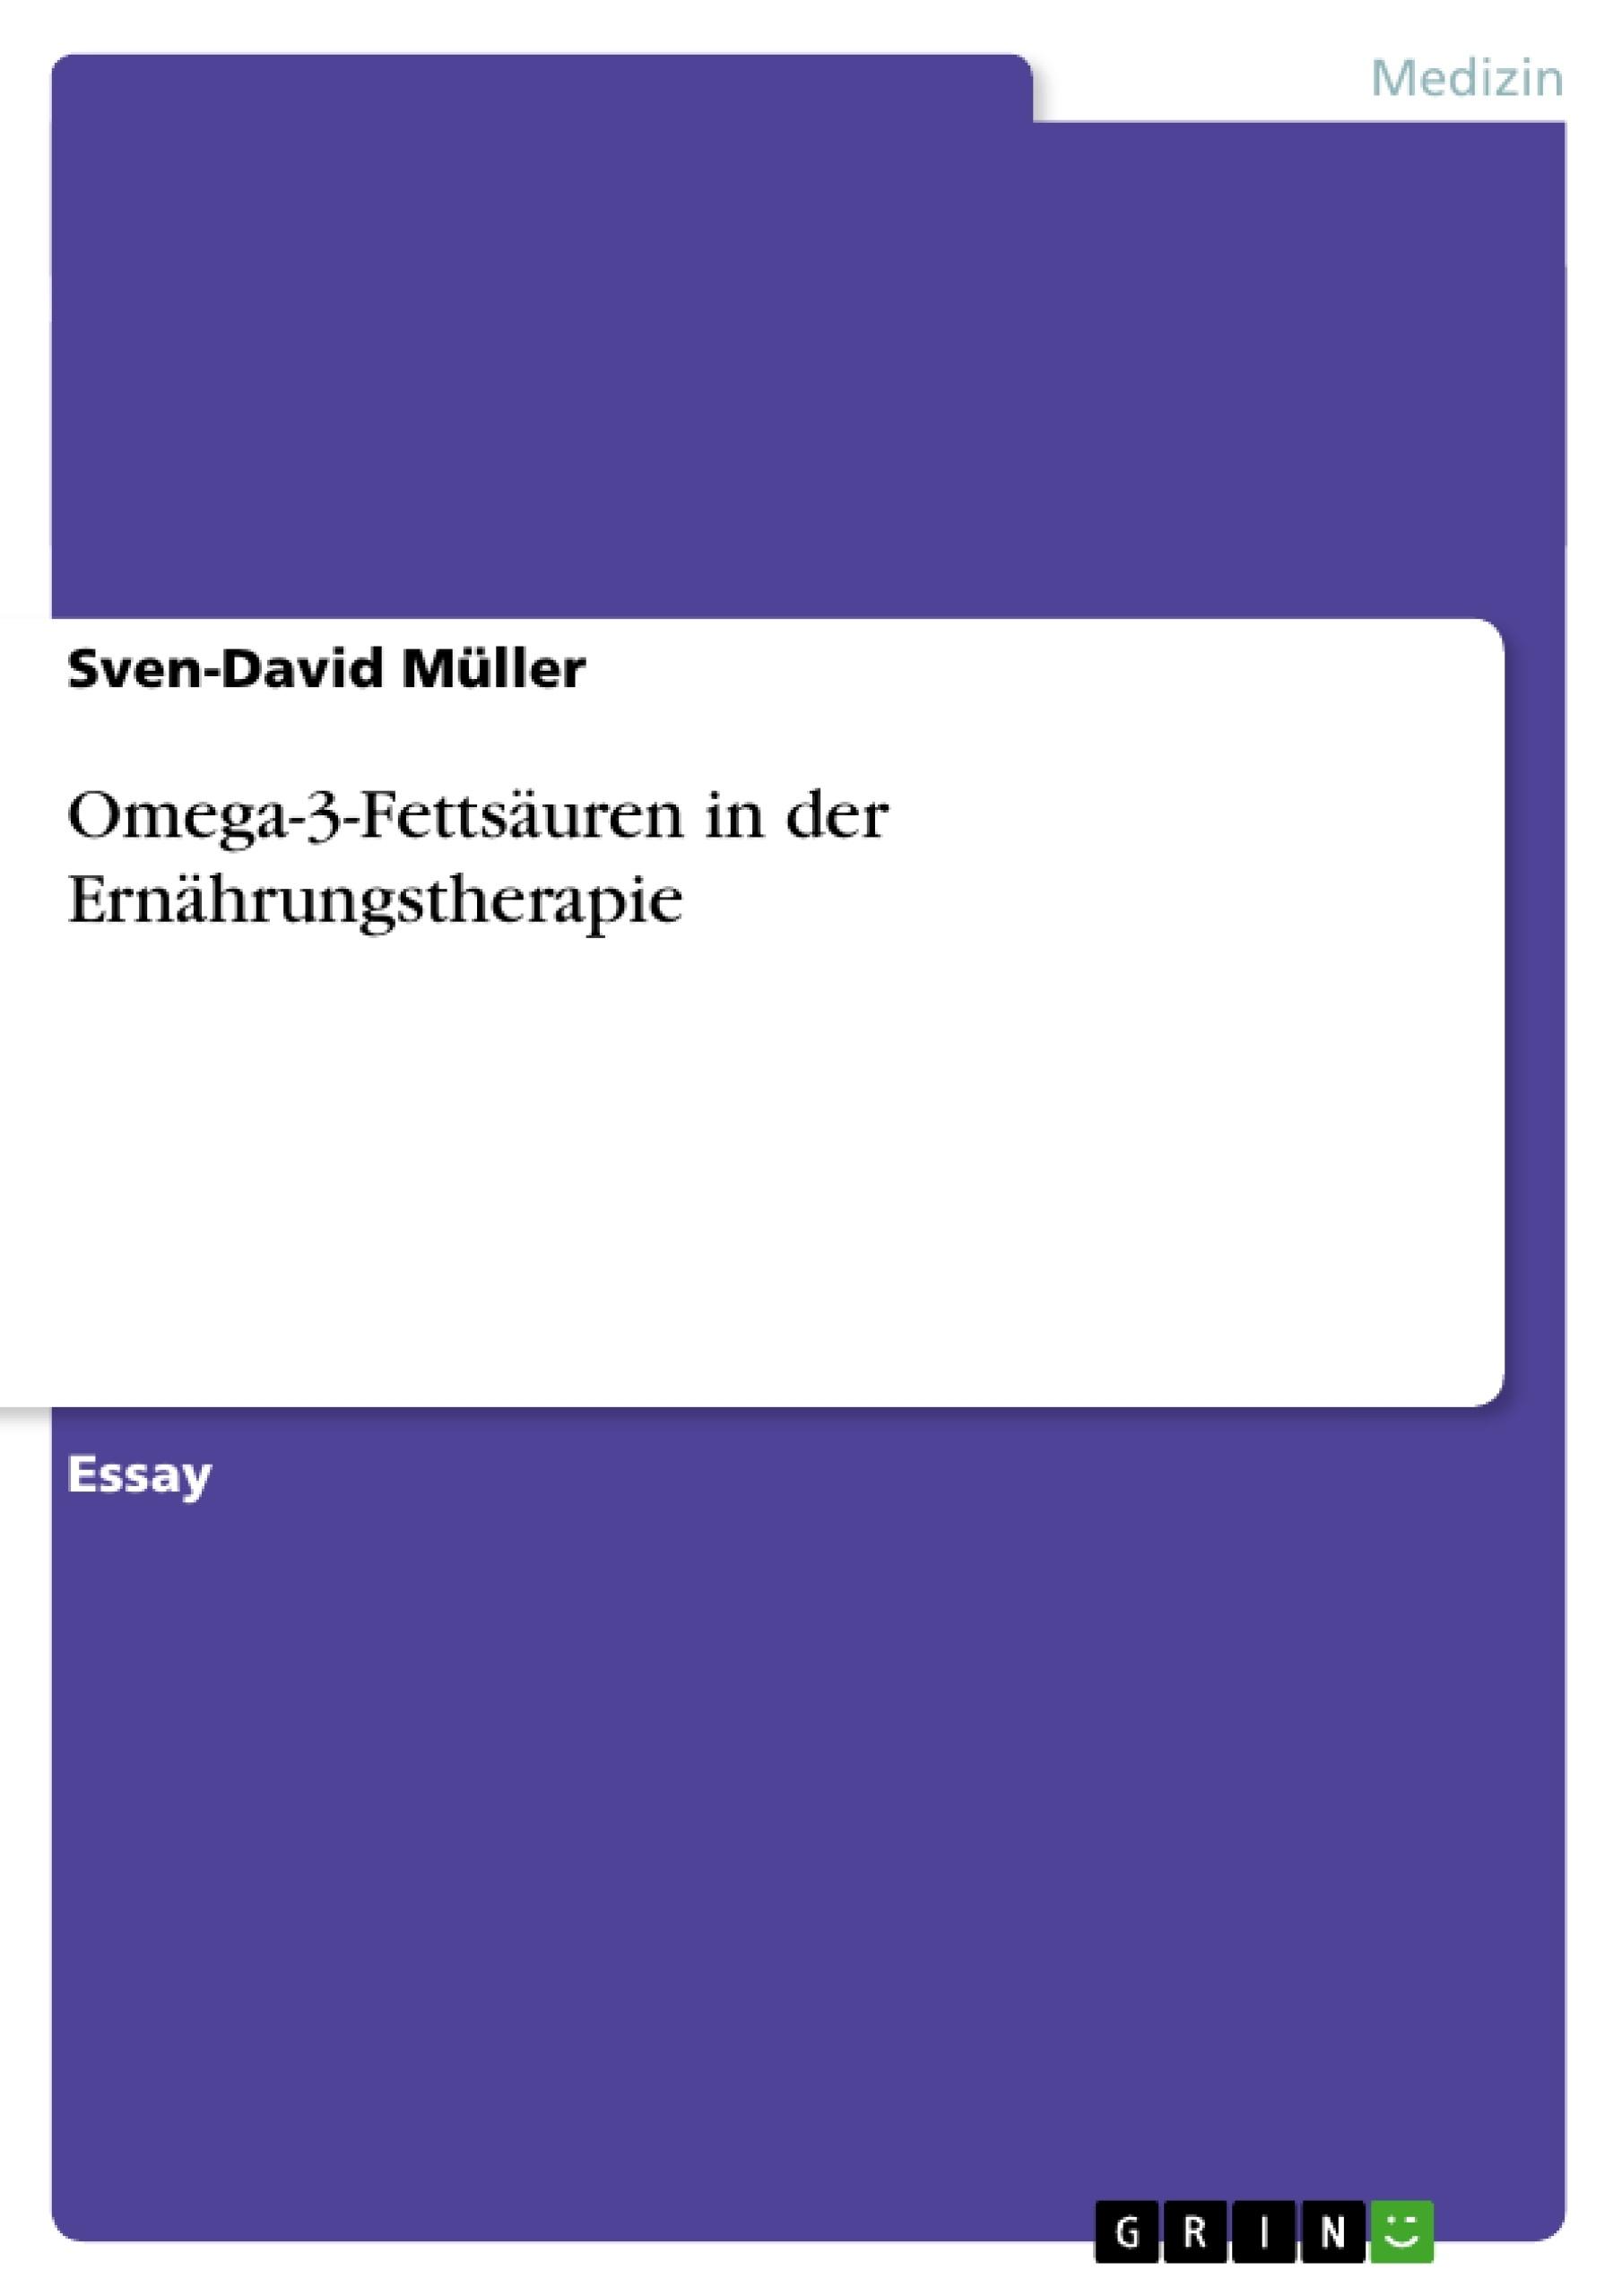 Titel: Omega-3-Fettsäuren in der Ernährungstherapie